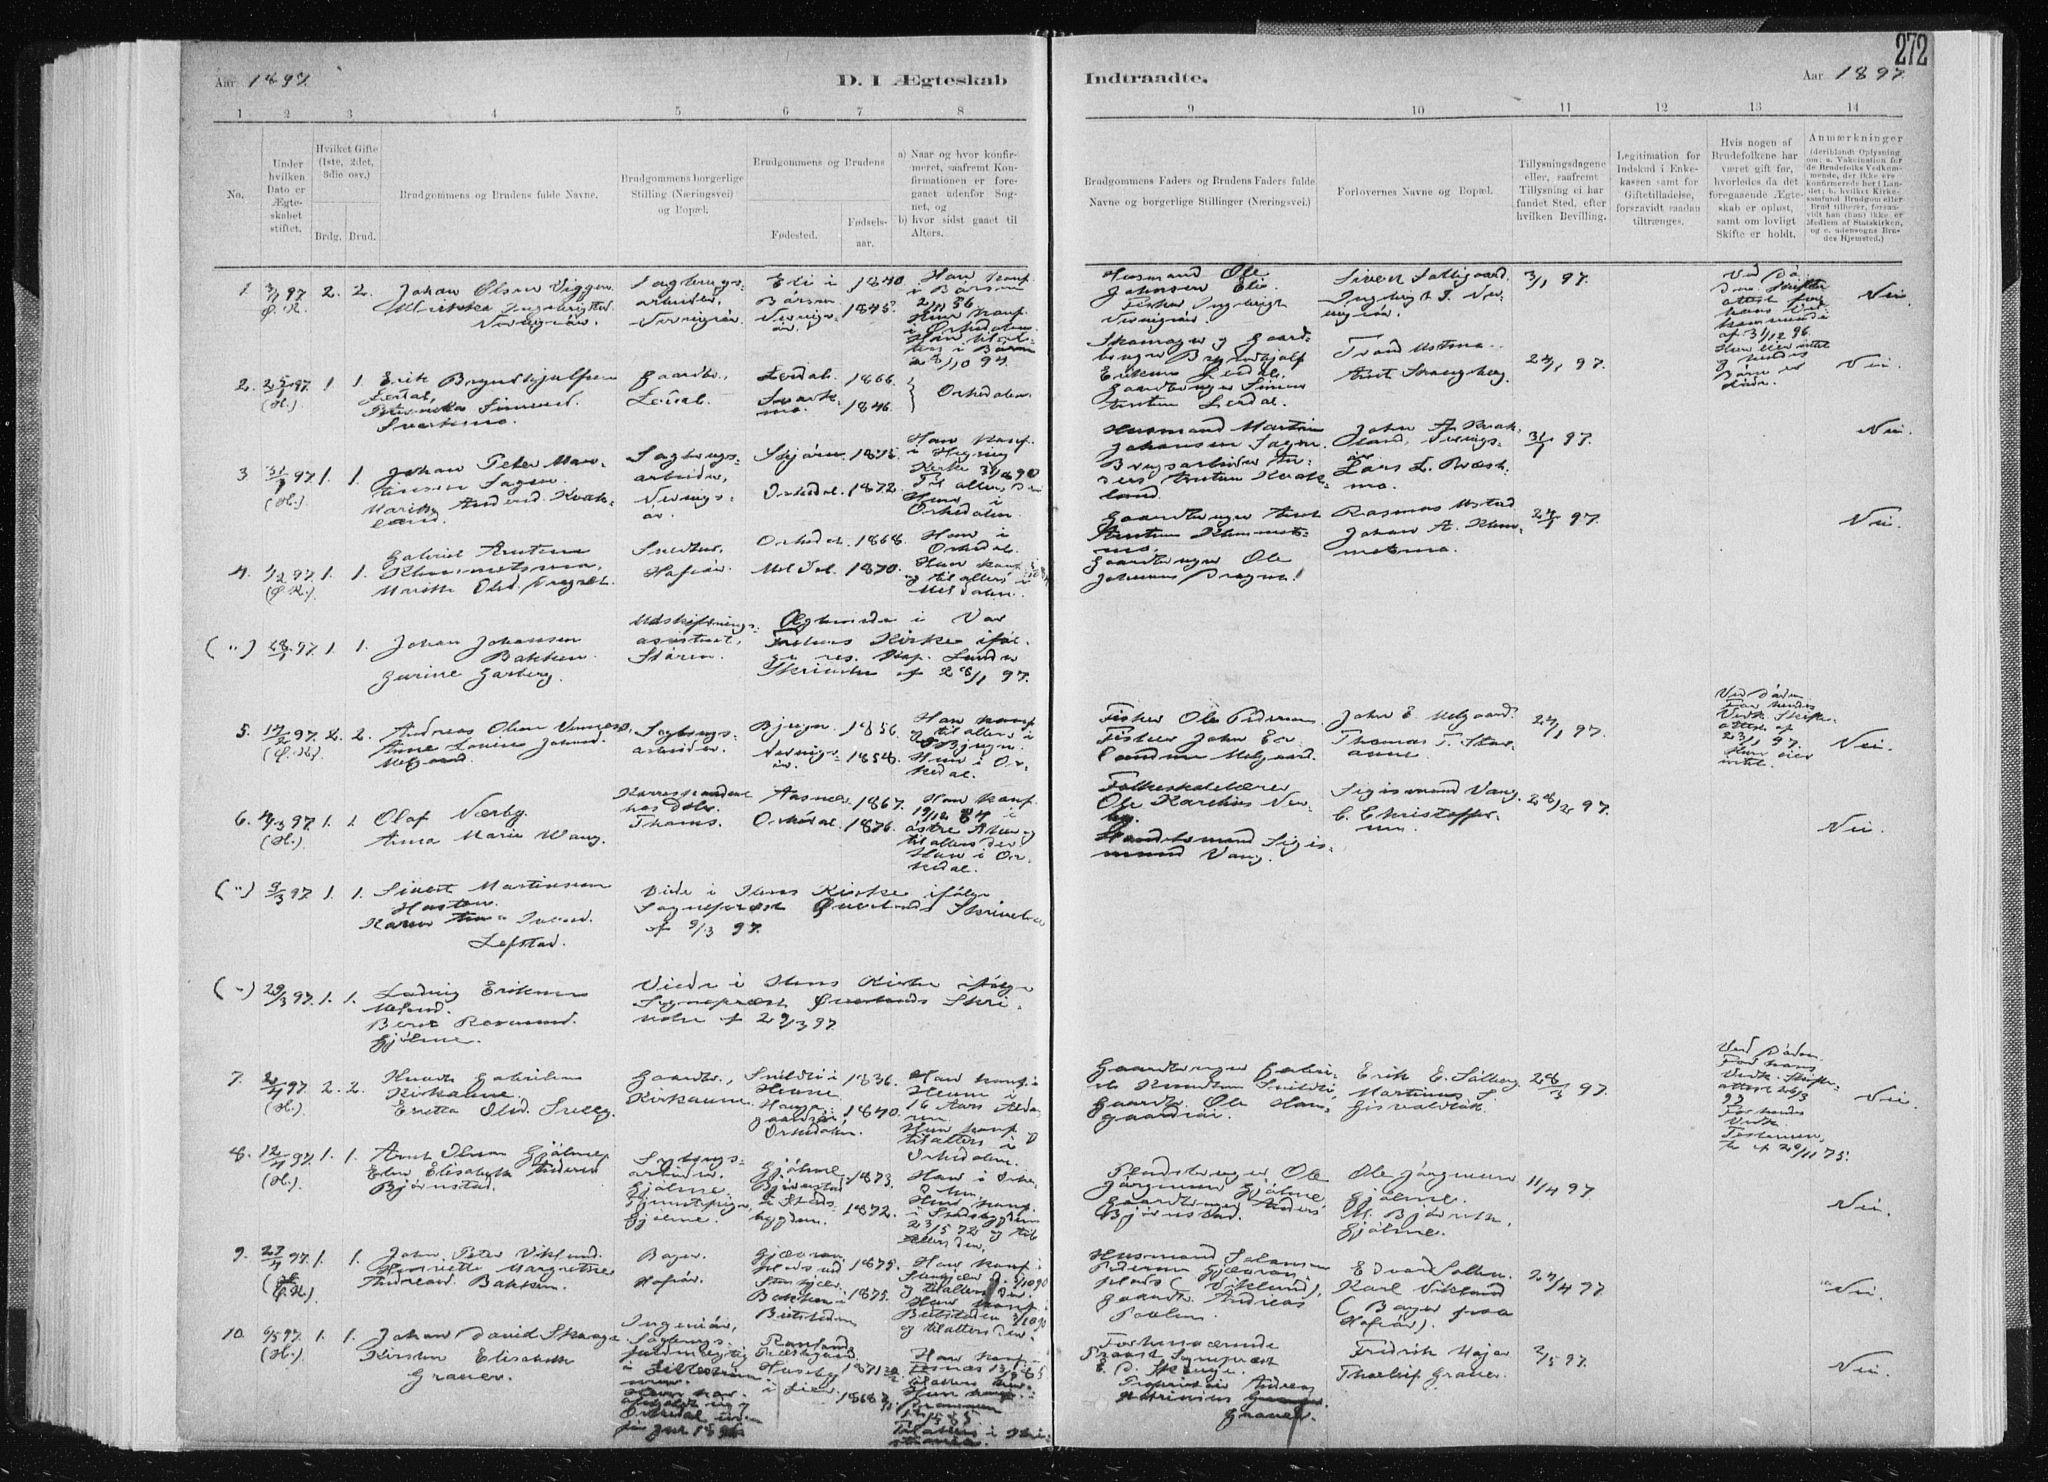 SAT, Ministerialprotokoller, klokkerbøker og fødselsregistre - Sør-Trøndelag, 668/L0818: Klokkerbok nr. 668C07, 1885-1898, s. 272